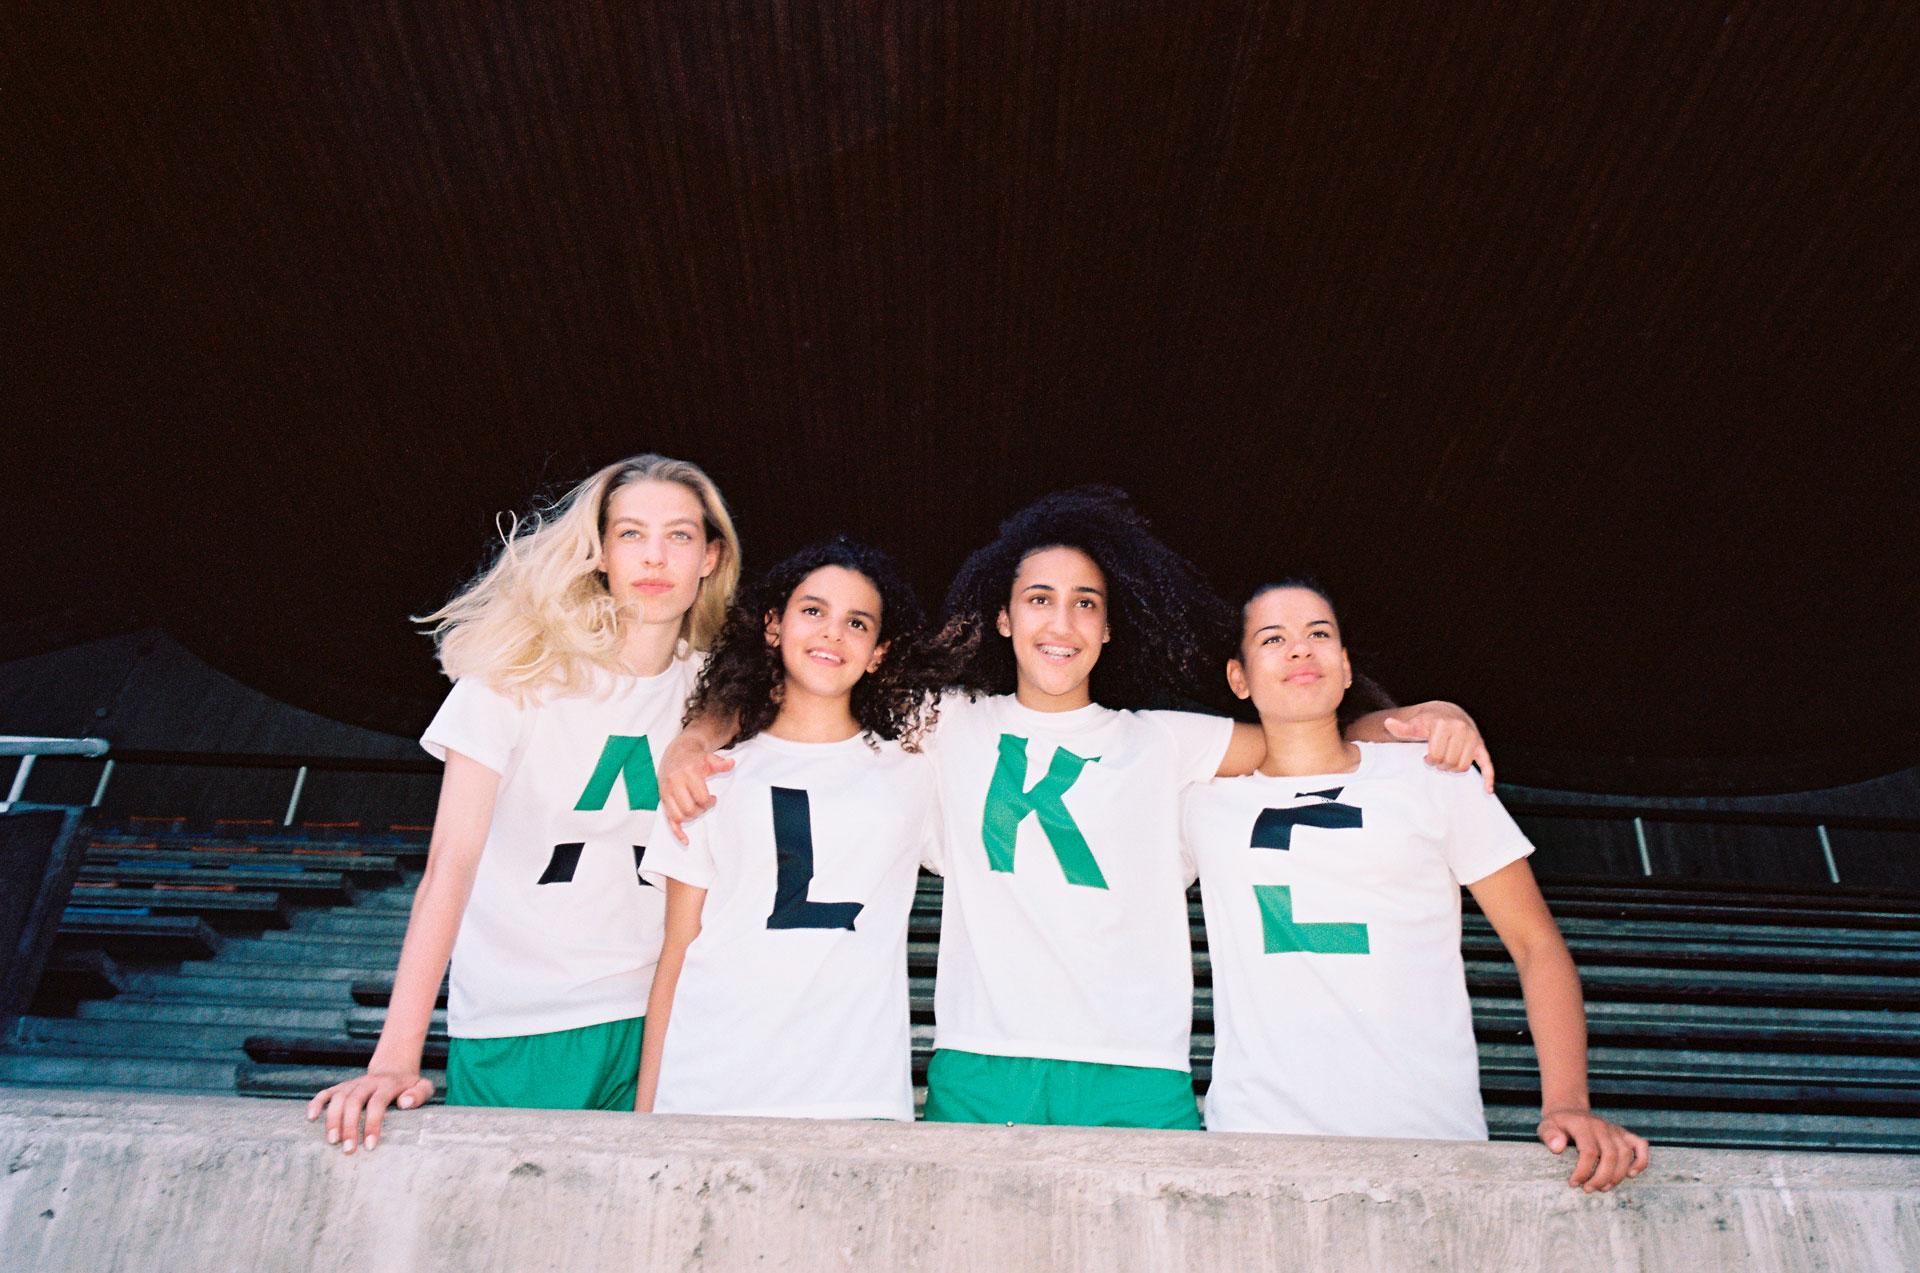 Les maillots A.L.K.E